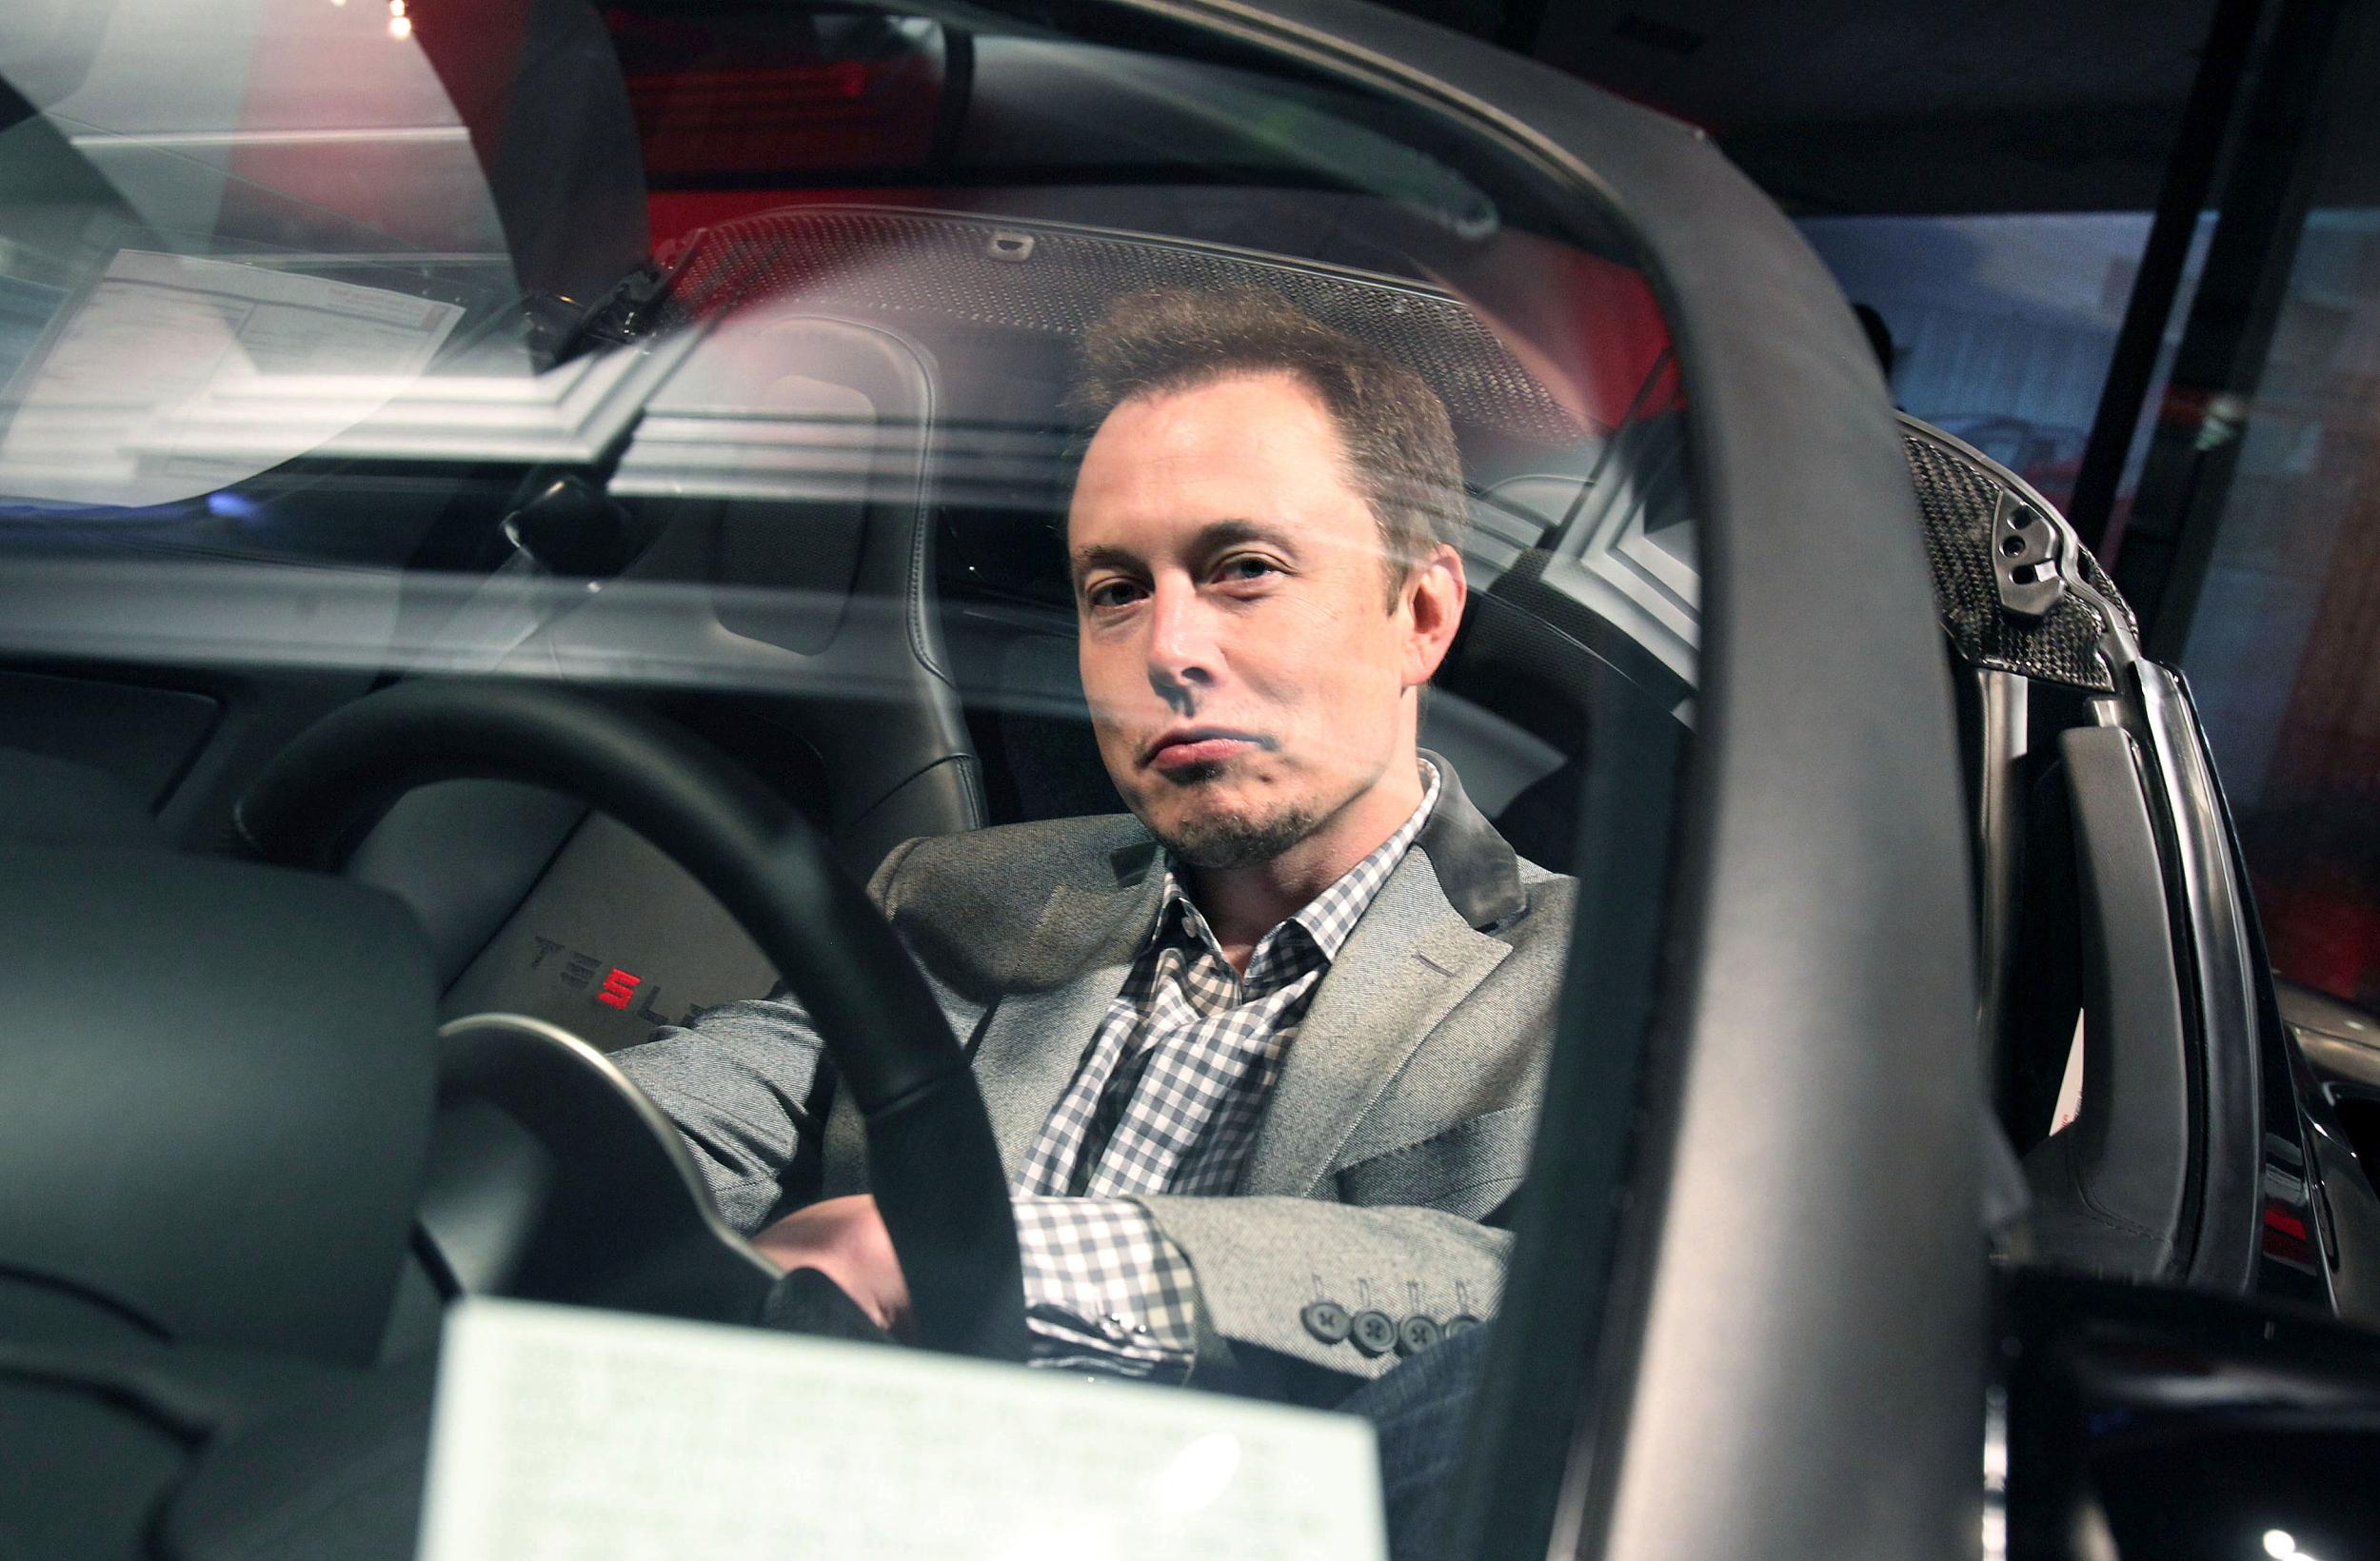 智能汽车|特斯拉全自动驾驶什么时候来?年底前或都无法实现!